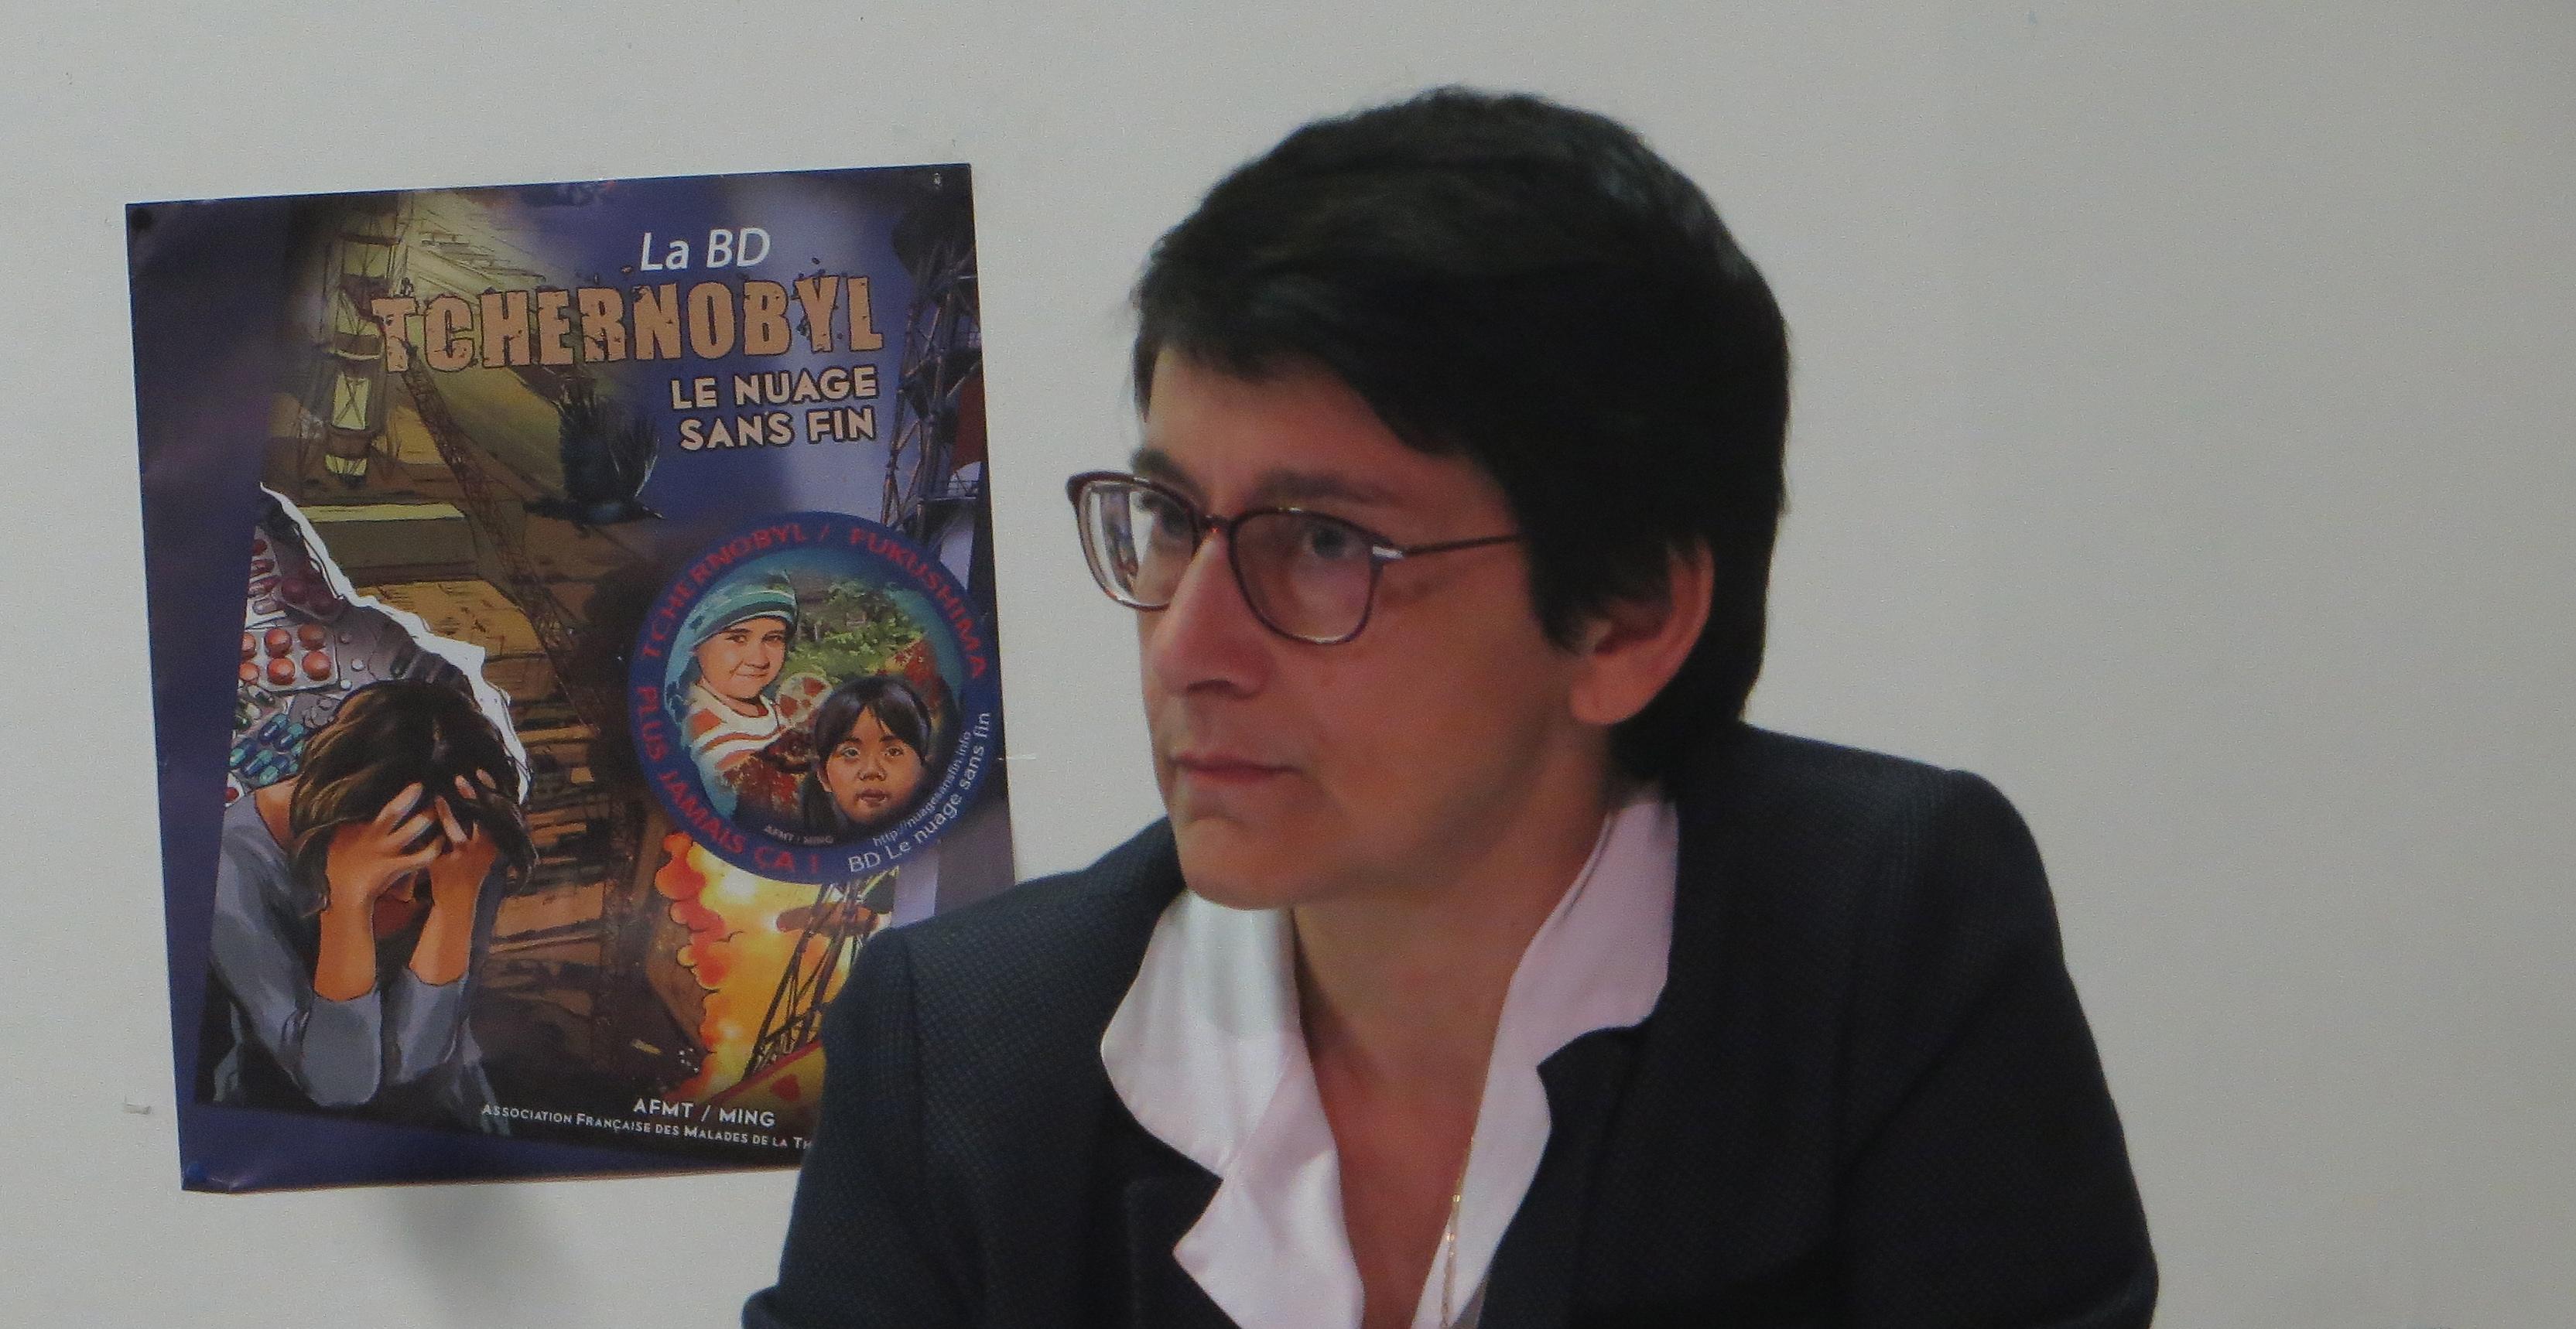 Fabienne Giovannini, conseillère exécutive. Sur le mur, l'affiche de la BD réalisée par l'AFMT avec le soutien du dessinateur MING, pour commémorer les 30 ans de Tchernobyl, en retraçant l'histoire de la catastrophe et ses conséquences sur la santé et sur l'environnement.